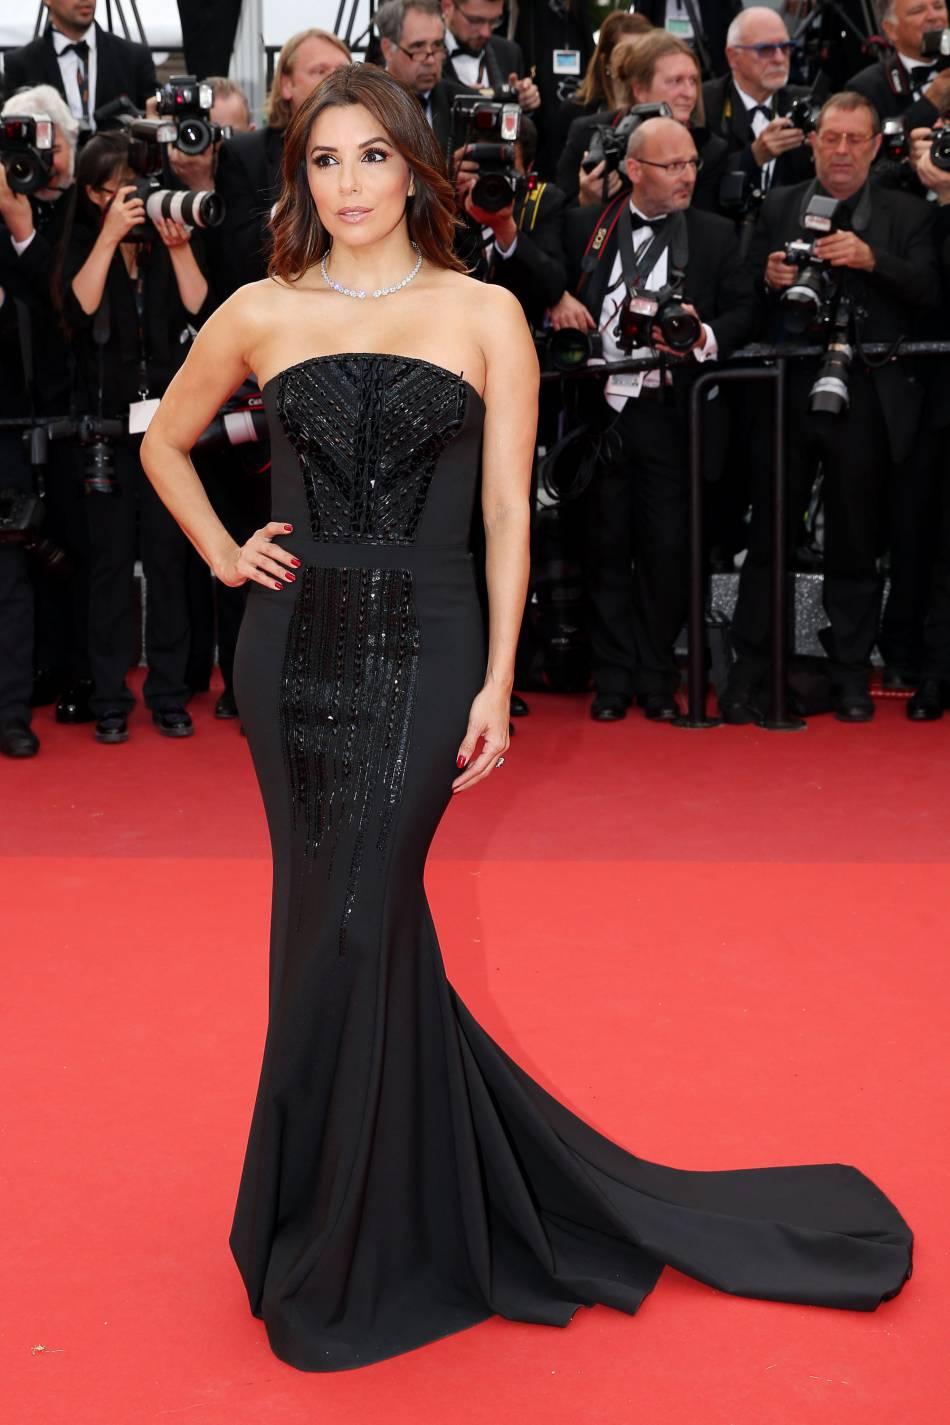 En robe bustier Pamella Roland (collection automne 2016), Eva Longoria a fait mouche au Festival de Cannes.